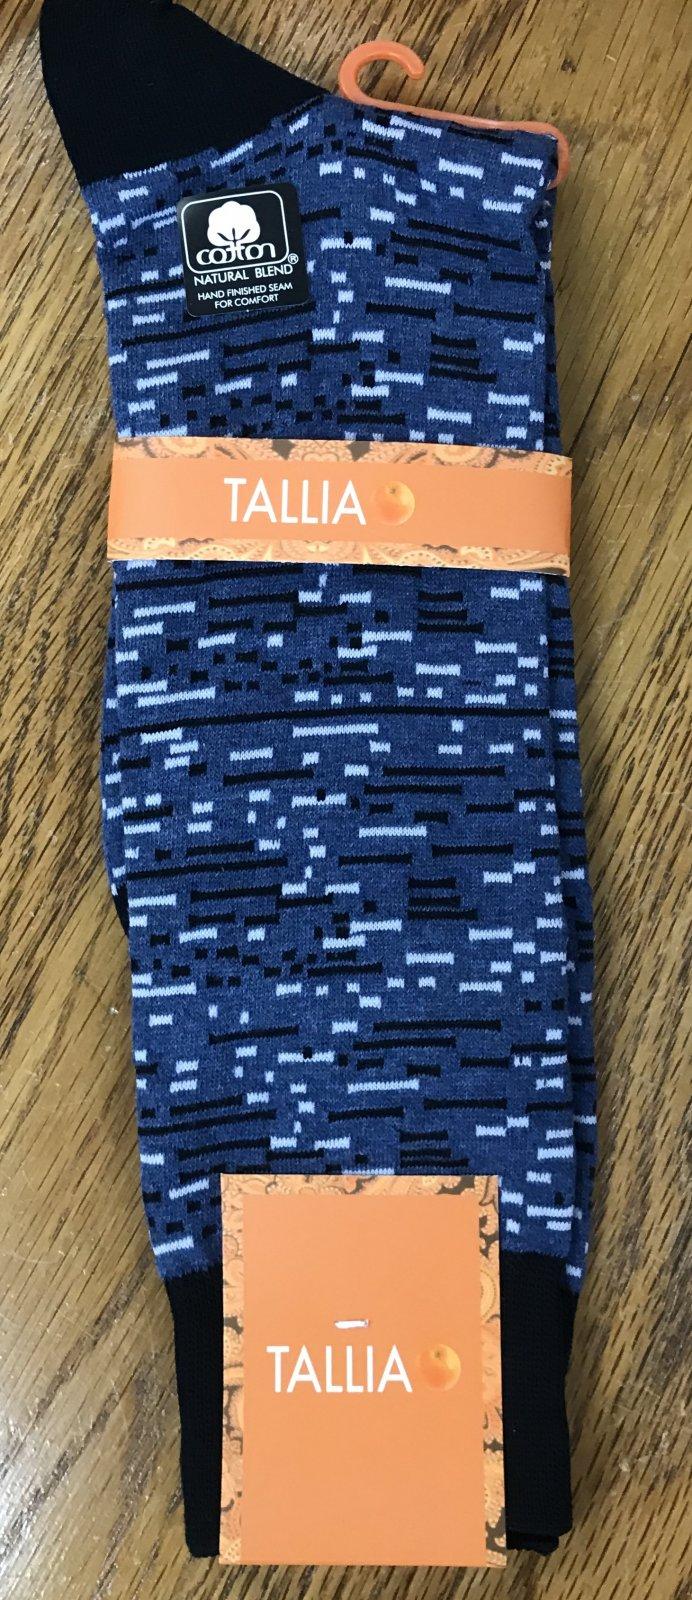 Tallia TS7112 Socks